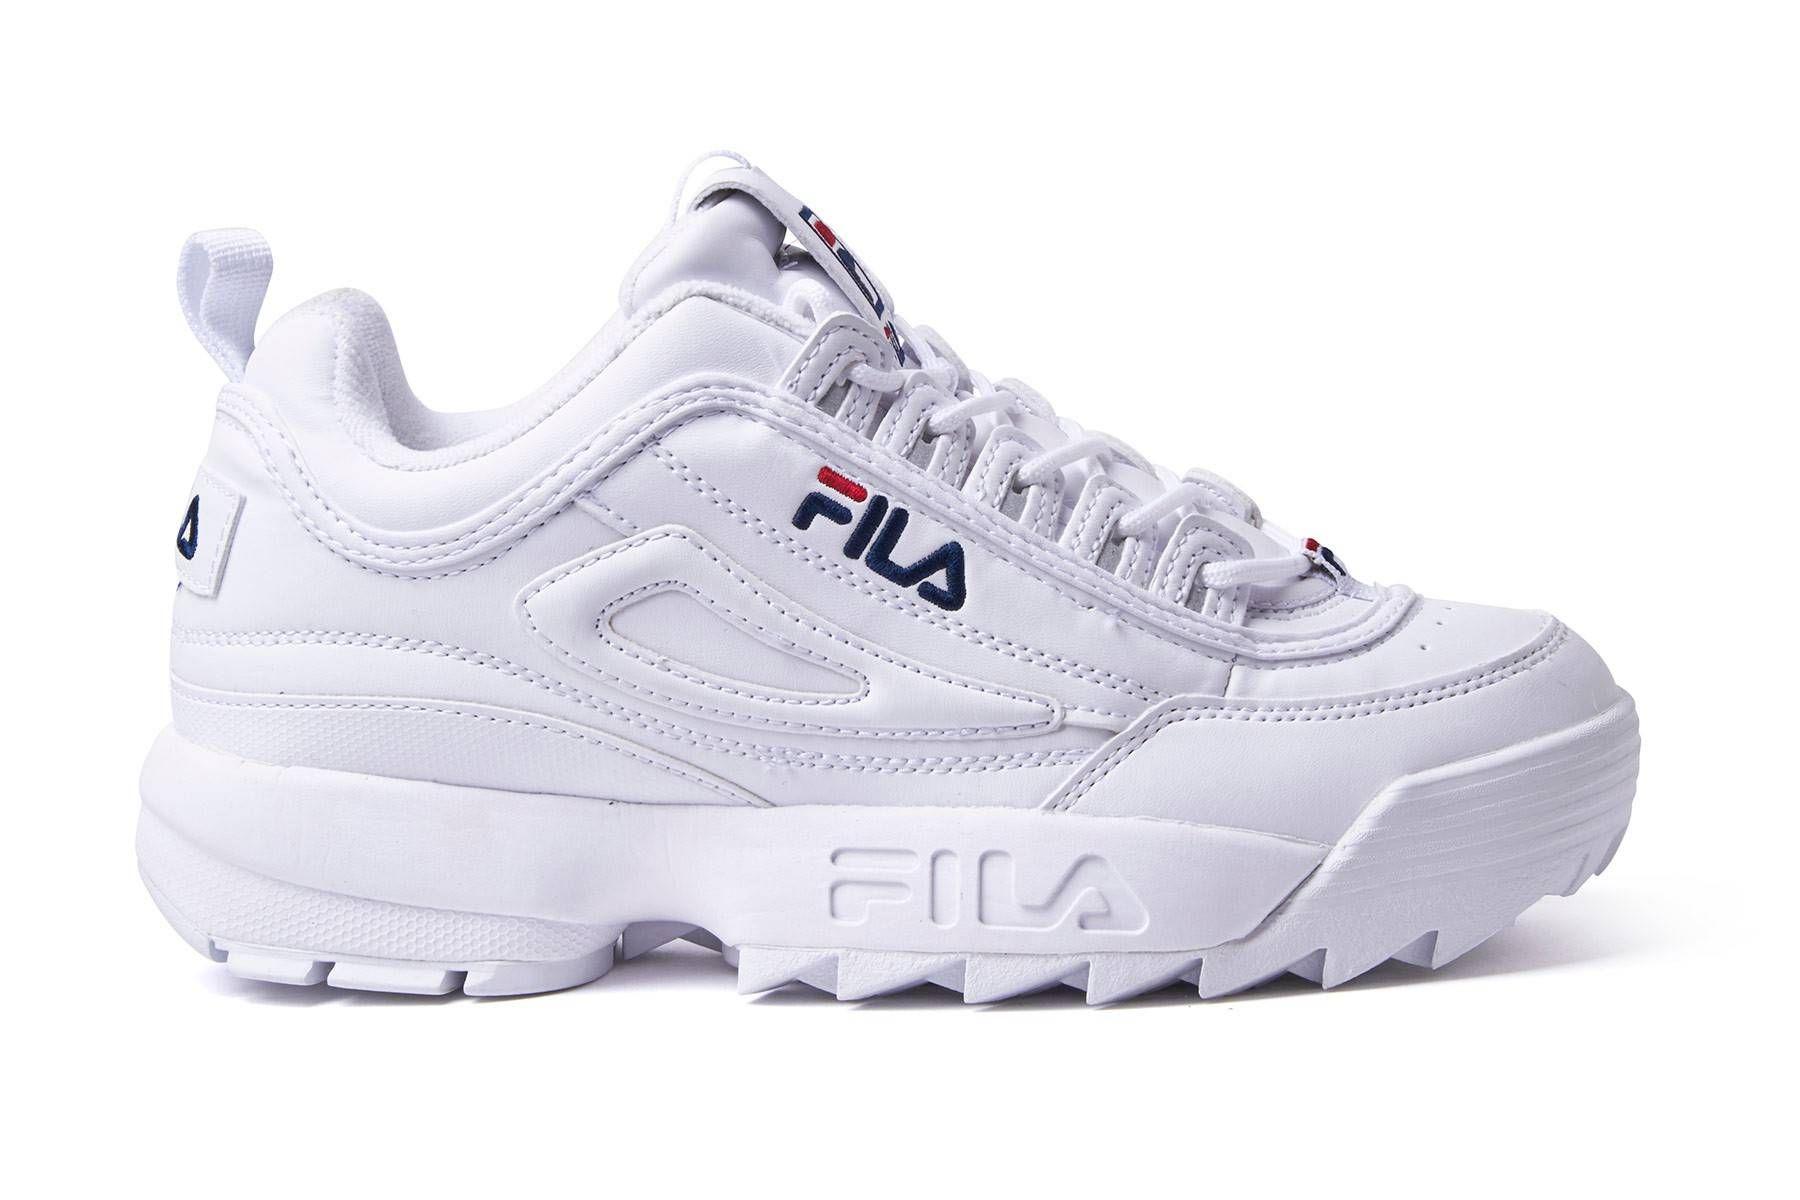 zapatos fila blancos para hombre colombia